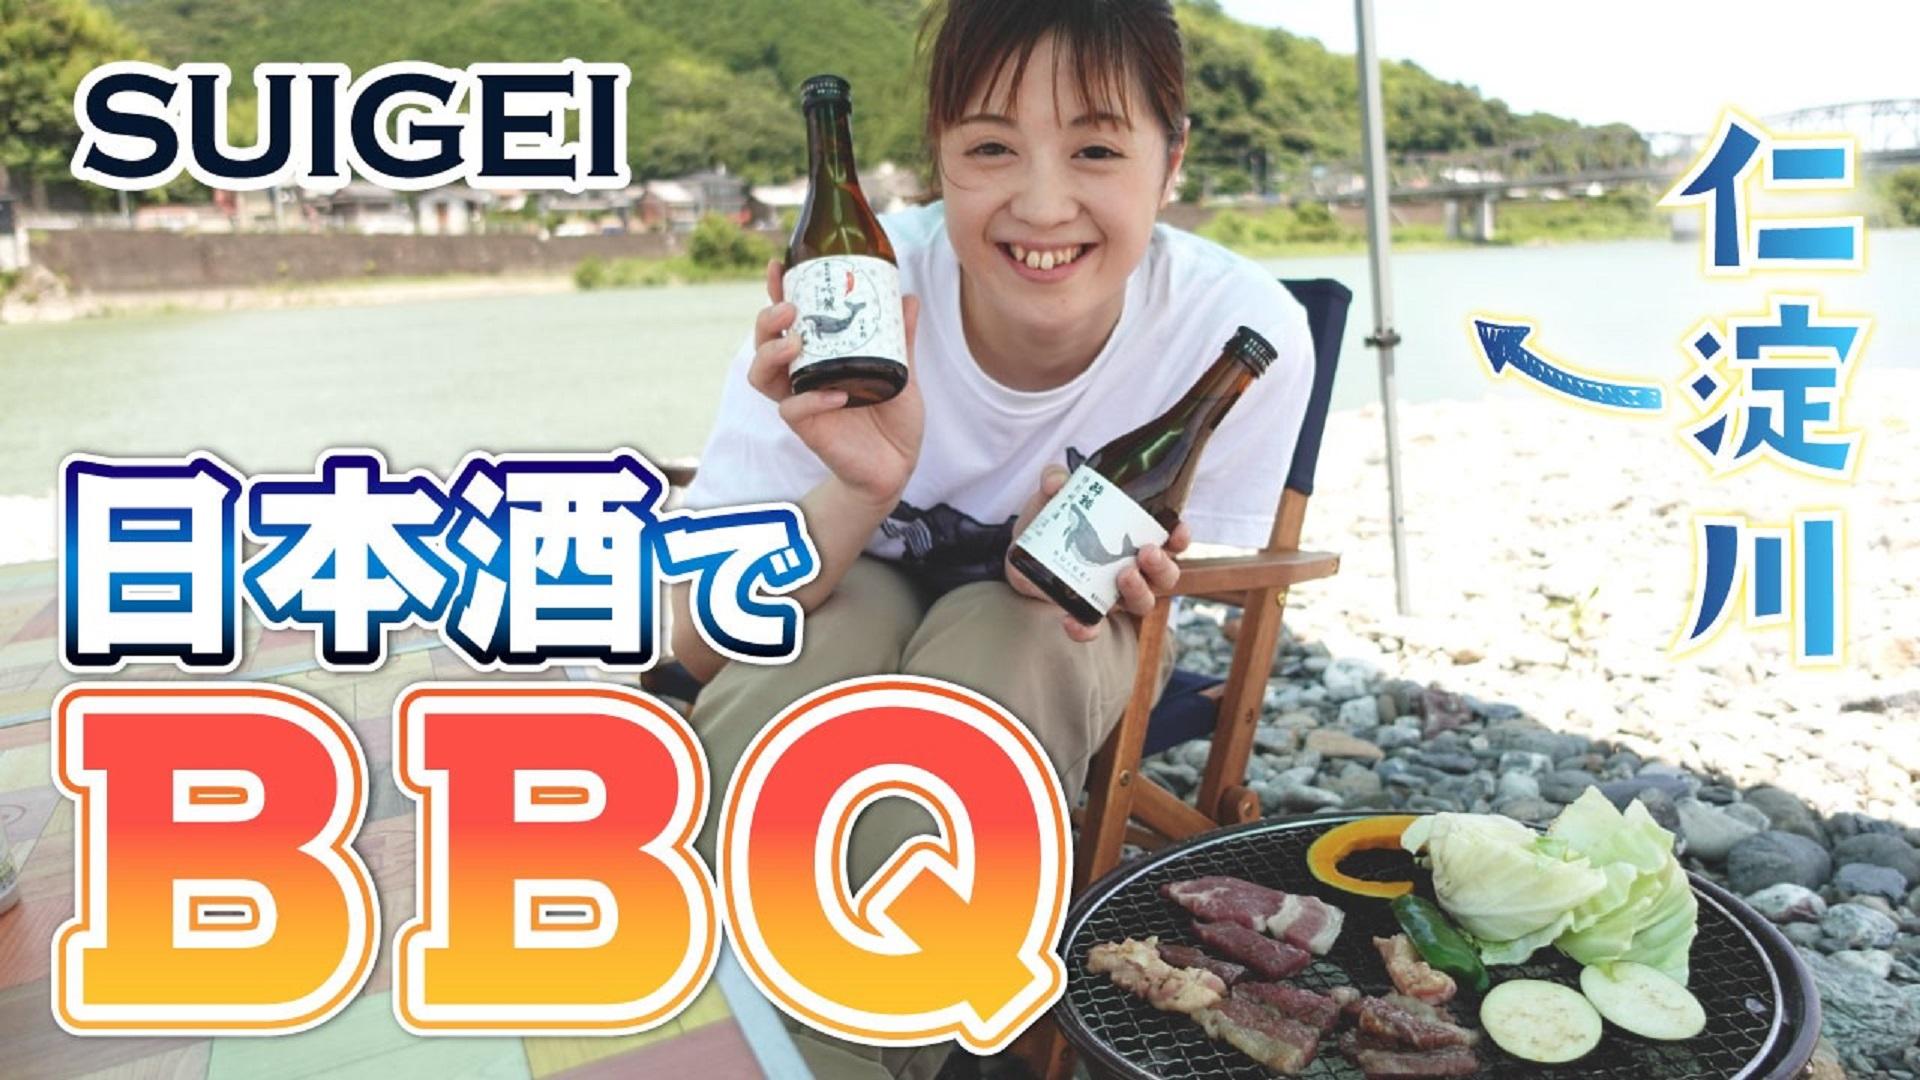 検証!日本酒でBBQはアリなのか⁉@仁淀川